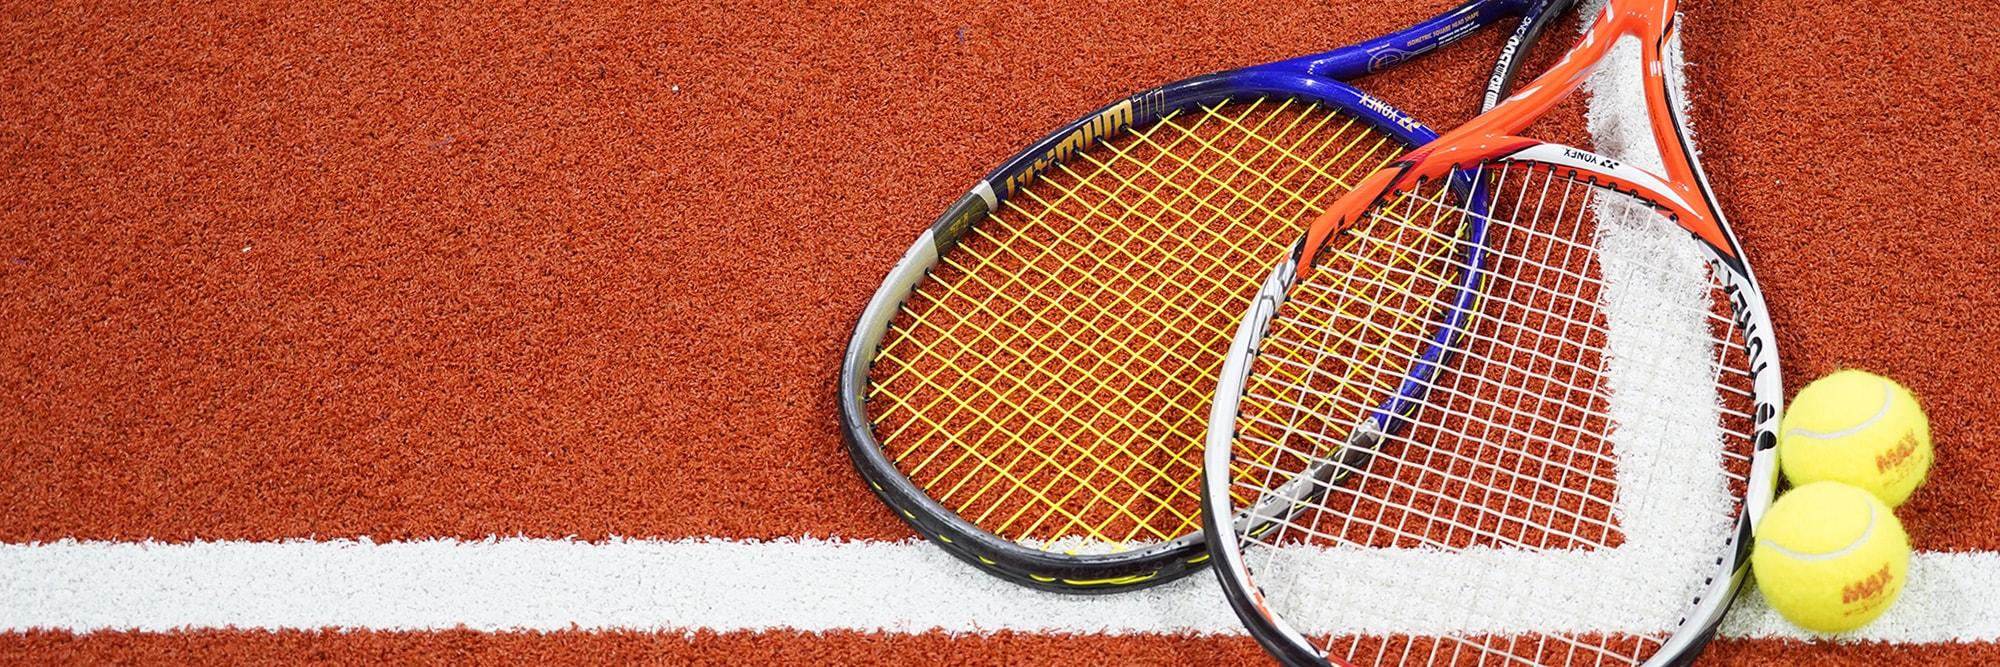 MAXインドアテニススクール|ビジター参加OK!12/29 冬休み集中練習会